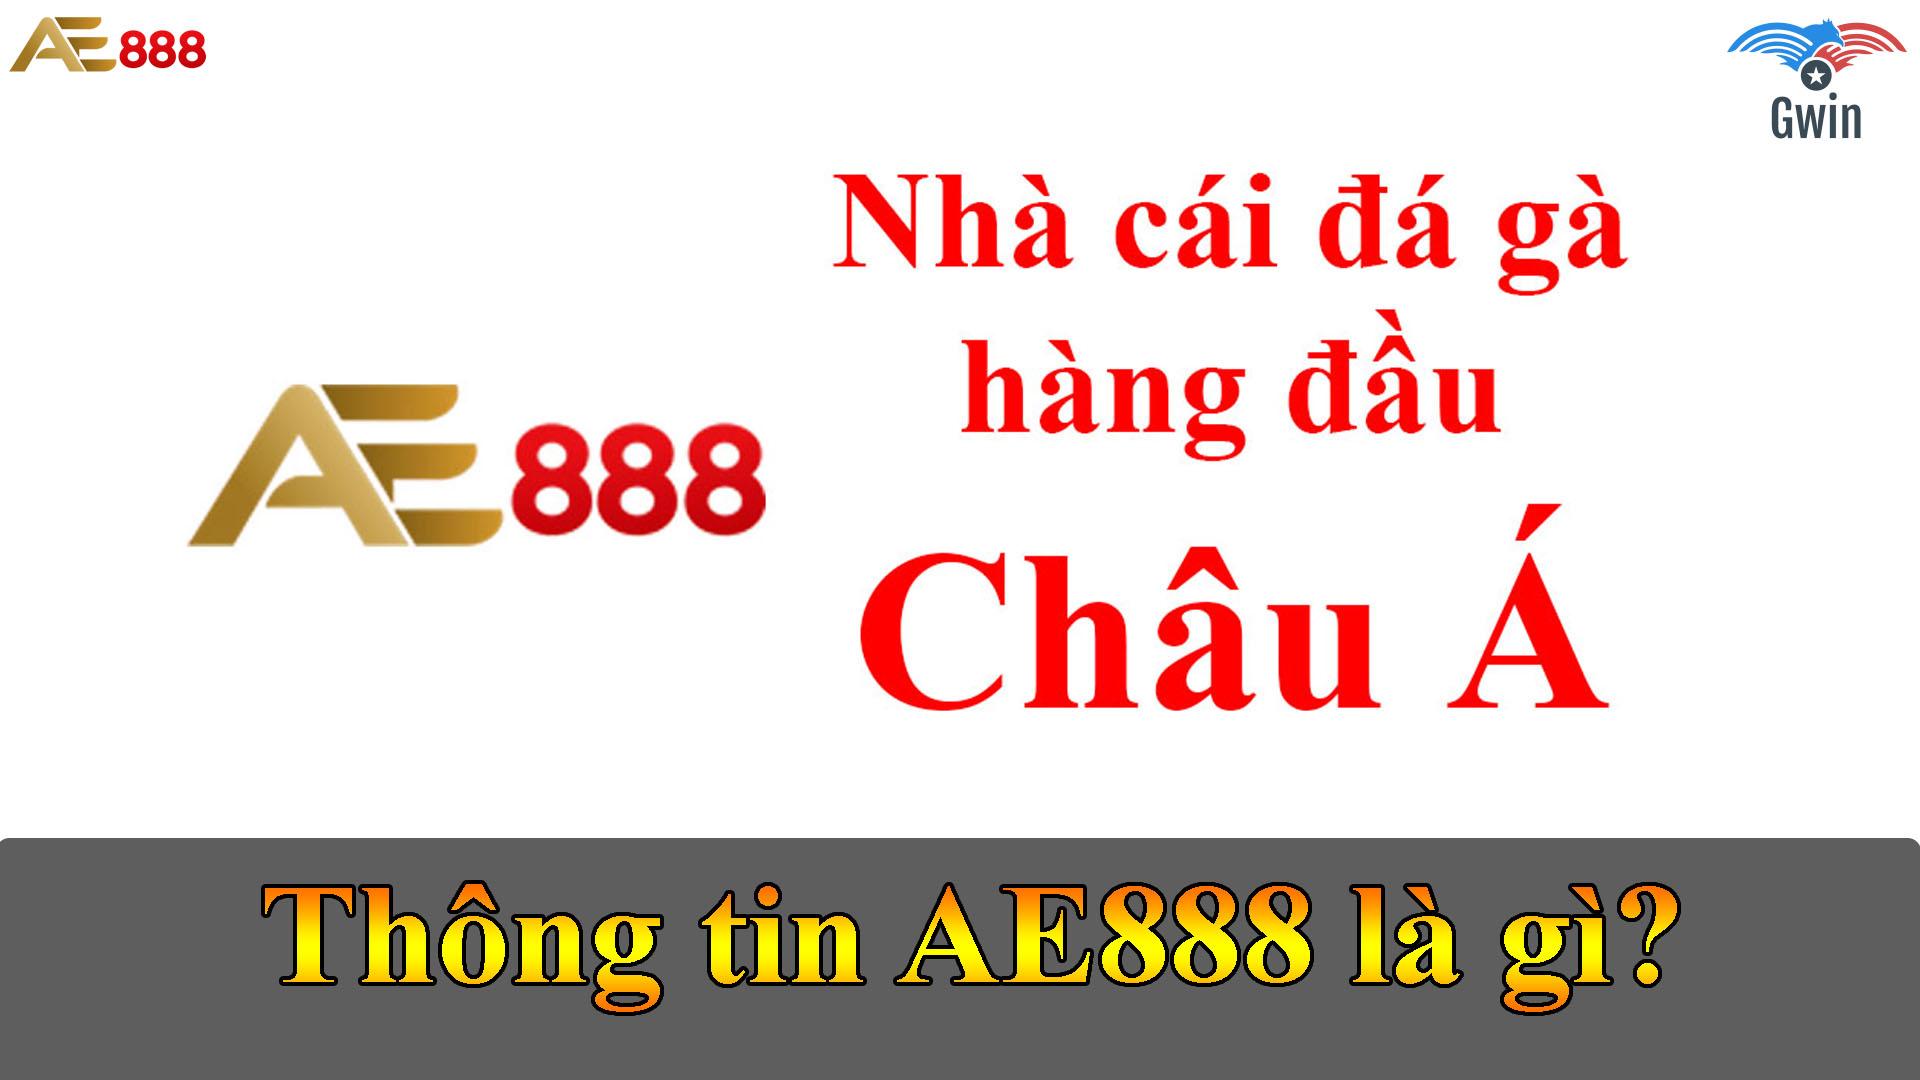 Thông tin AE888 là gì?